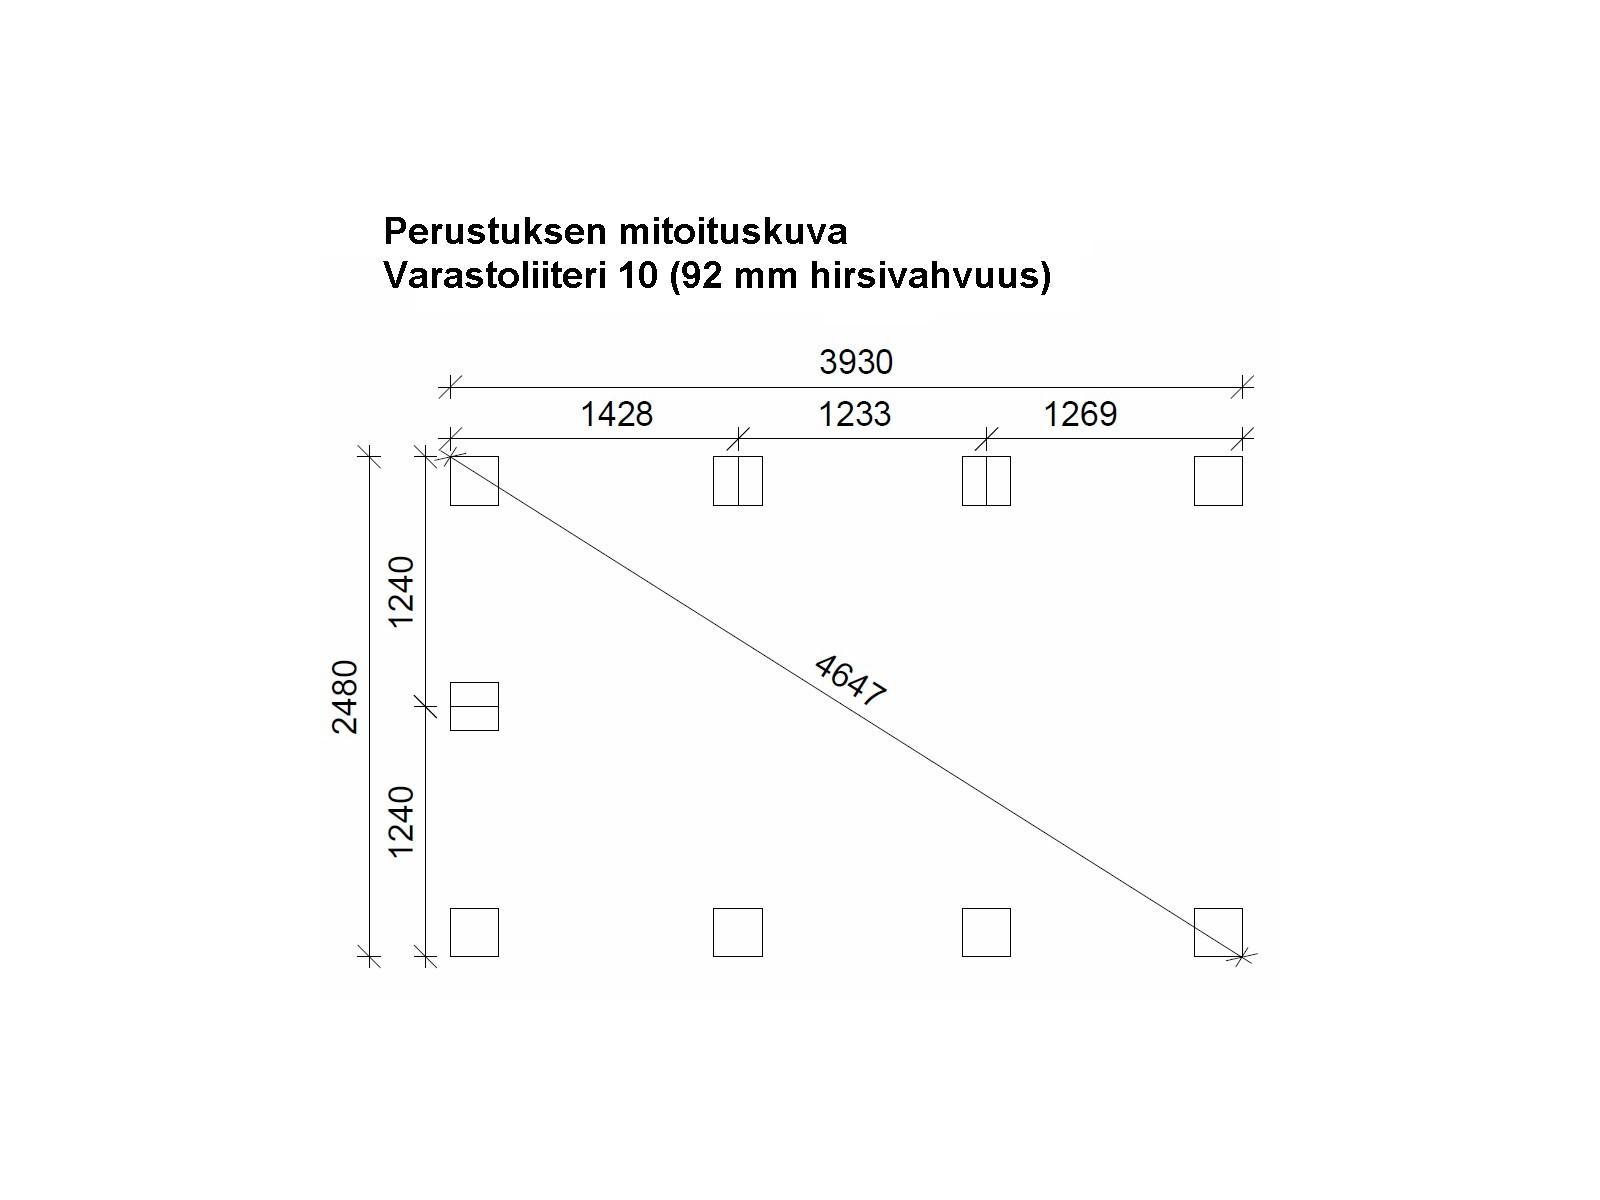 Varastoliiteri 10 - Perustuksen mitoituskuva